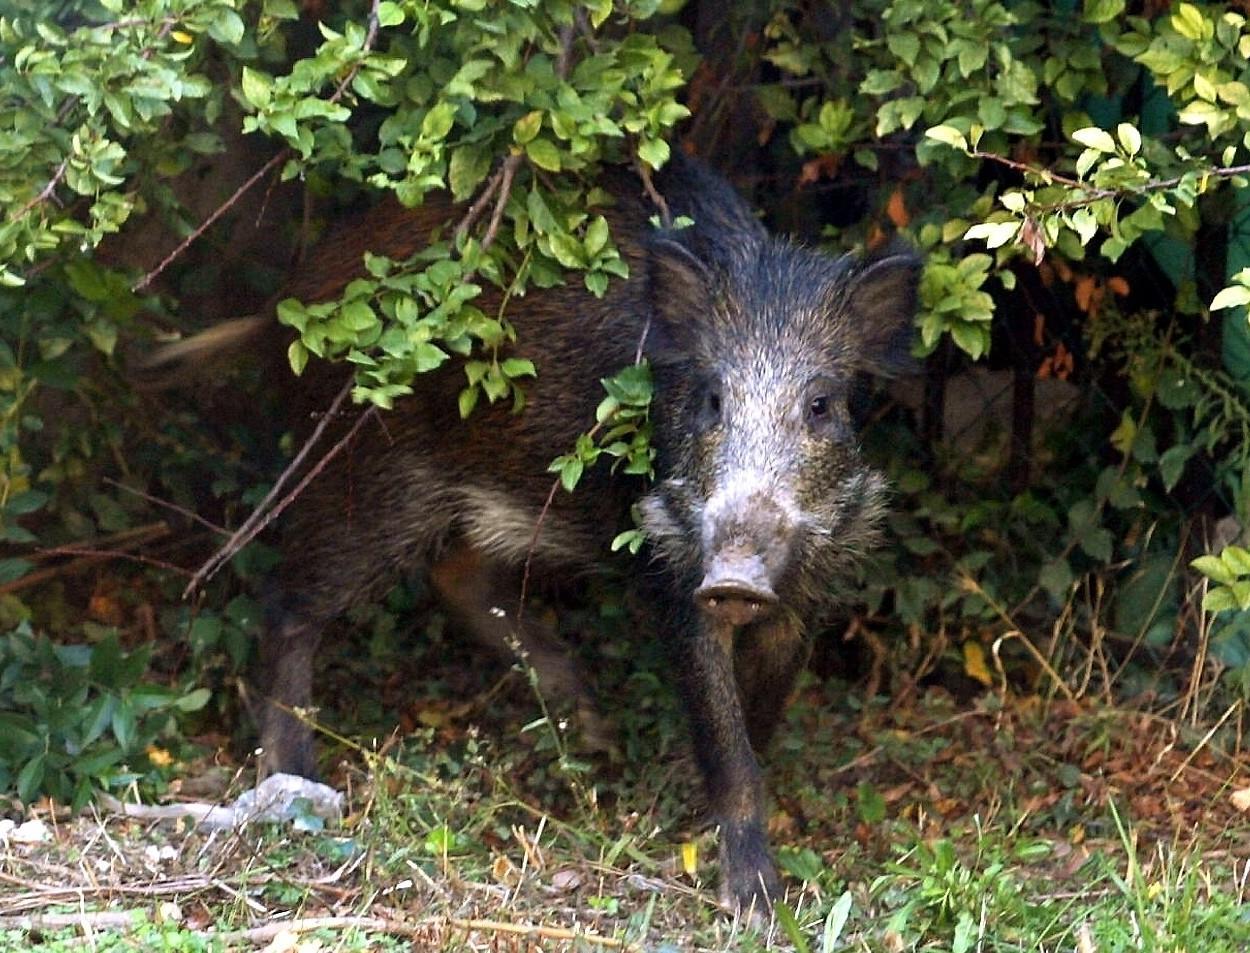 S'il a, depuis, rebouché les trous, Jean Colombaud a encore eu droit - son gazon et ses arbres fruitiers en portent les traces - à la visite des mammifères dans son jardin. Un voisinage dont il se serait bien passé...